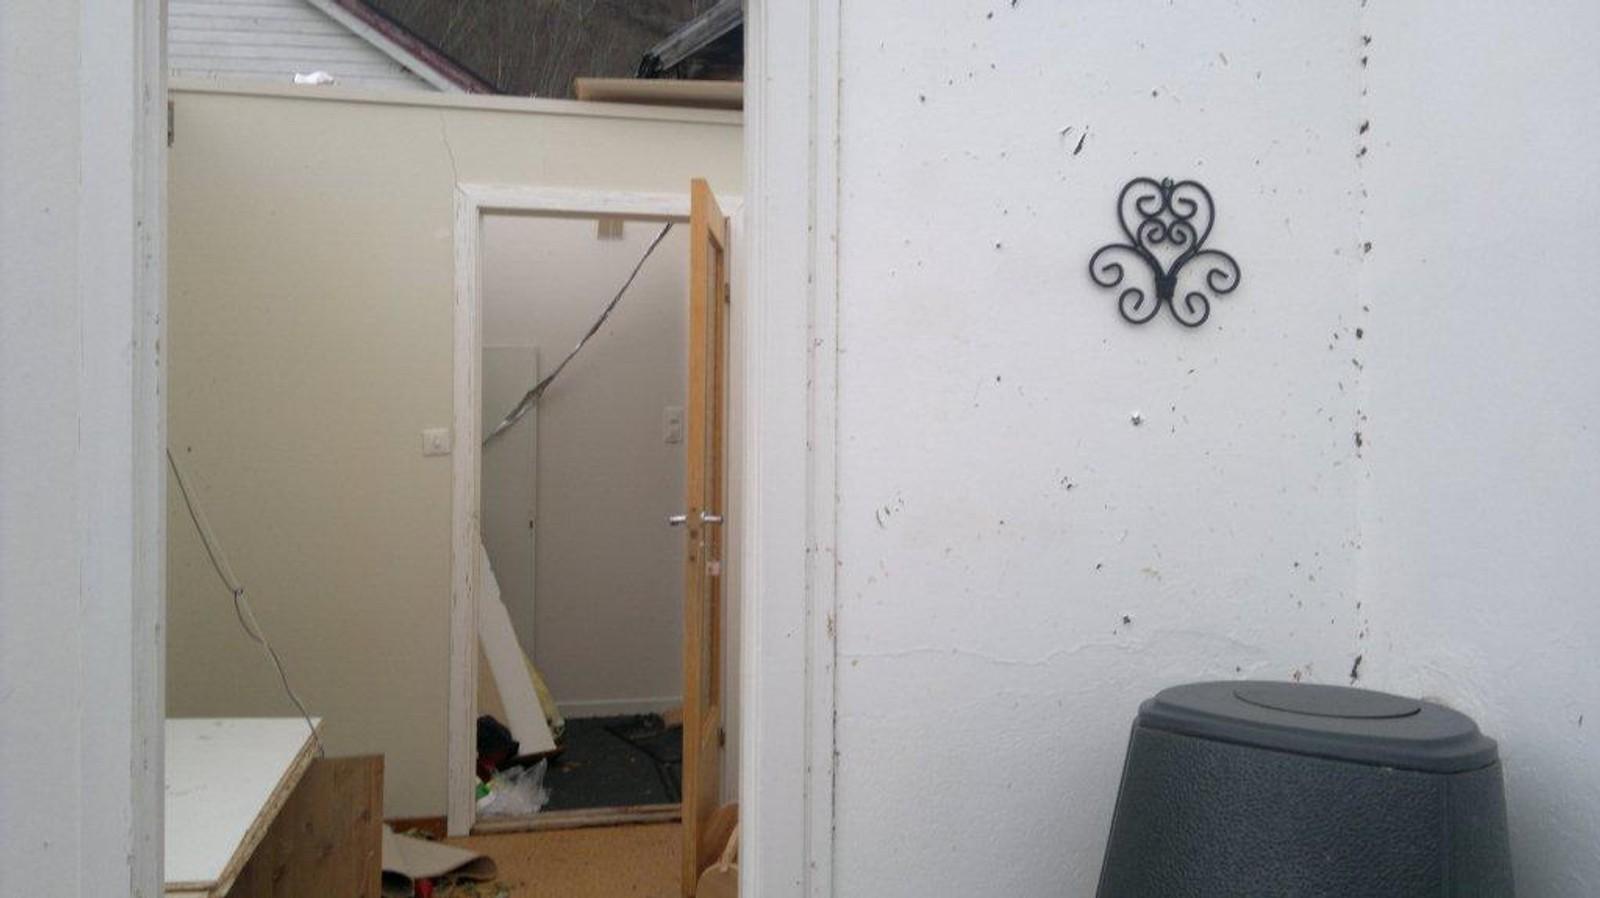 På veggane over omnen såg ein tydeleg at glasbrota hadde spruta i veggen då det første stoveglaset sprakk.